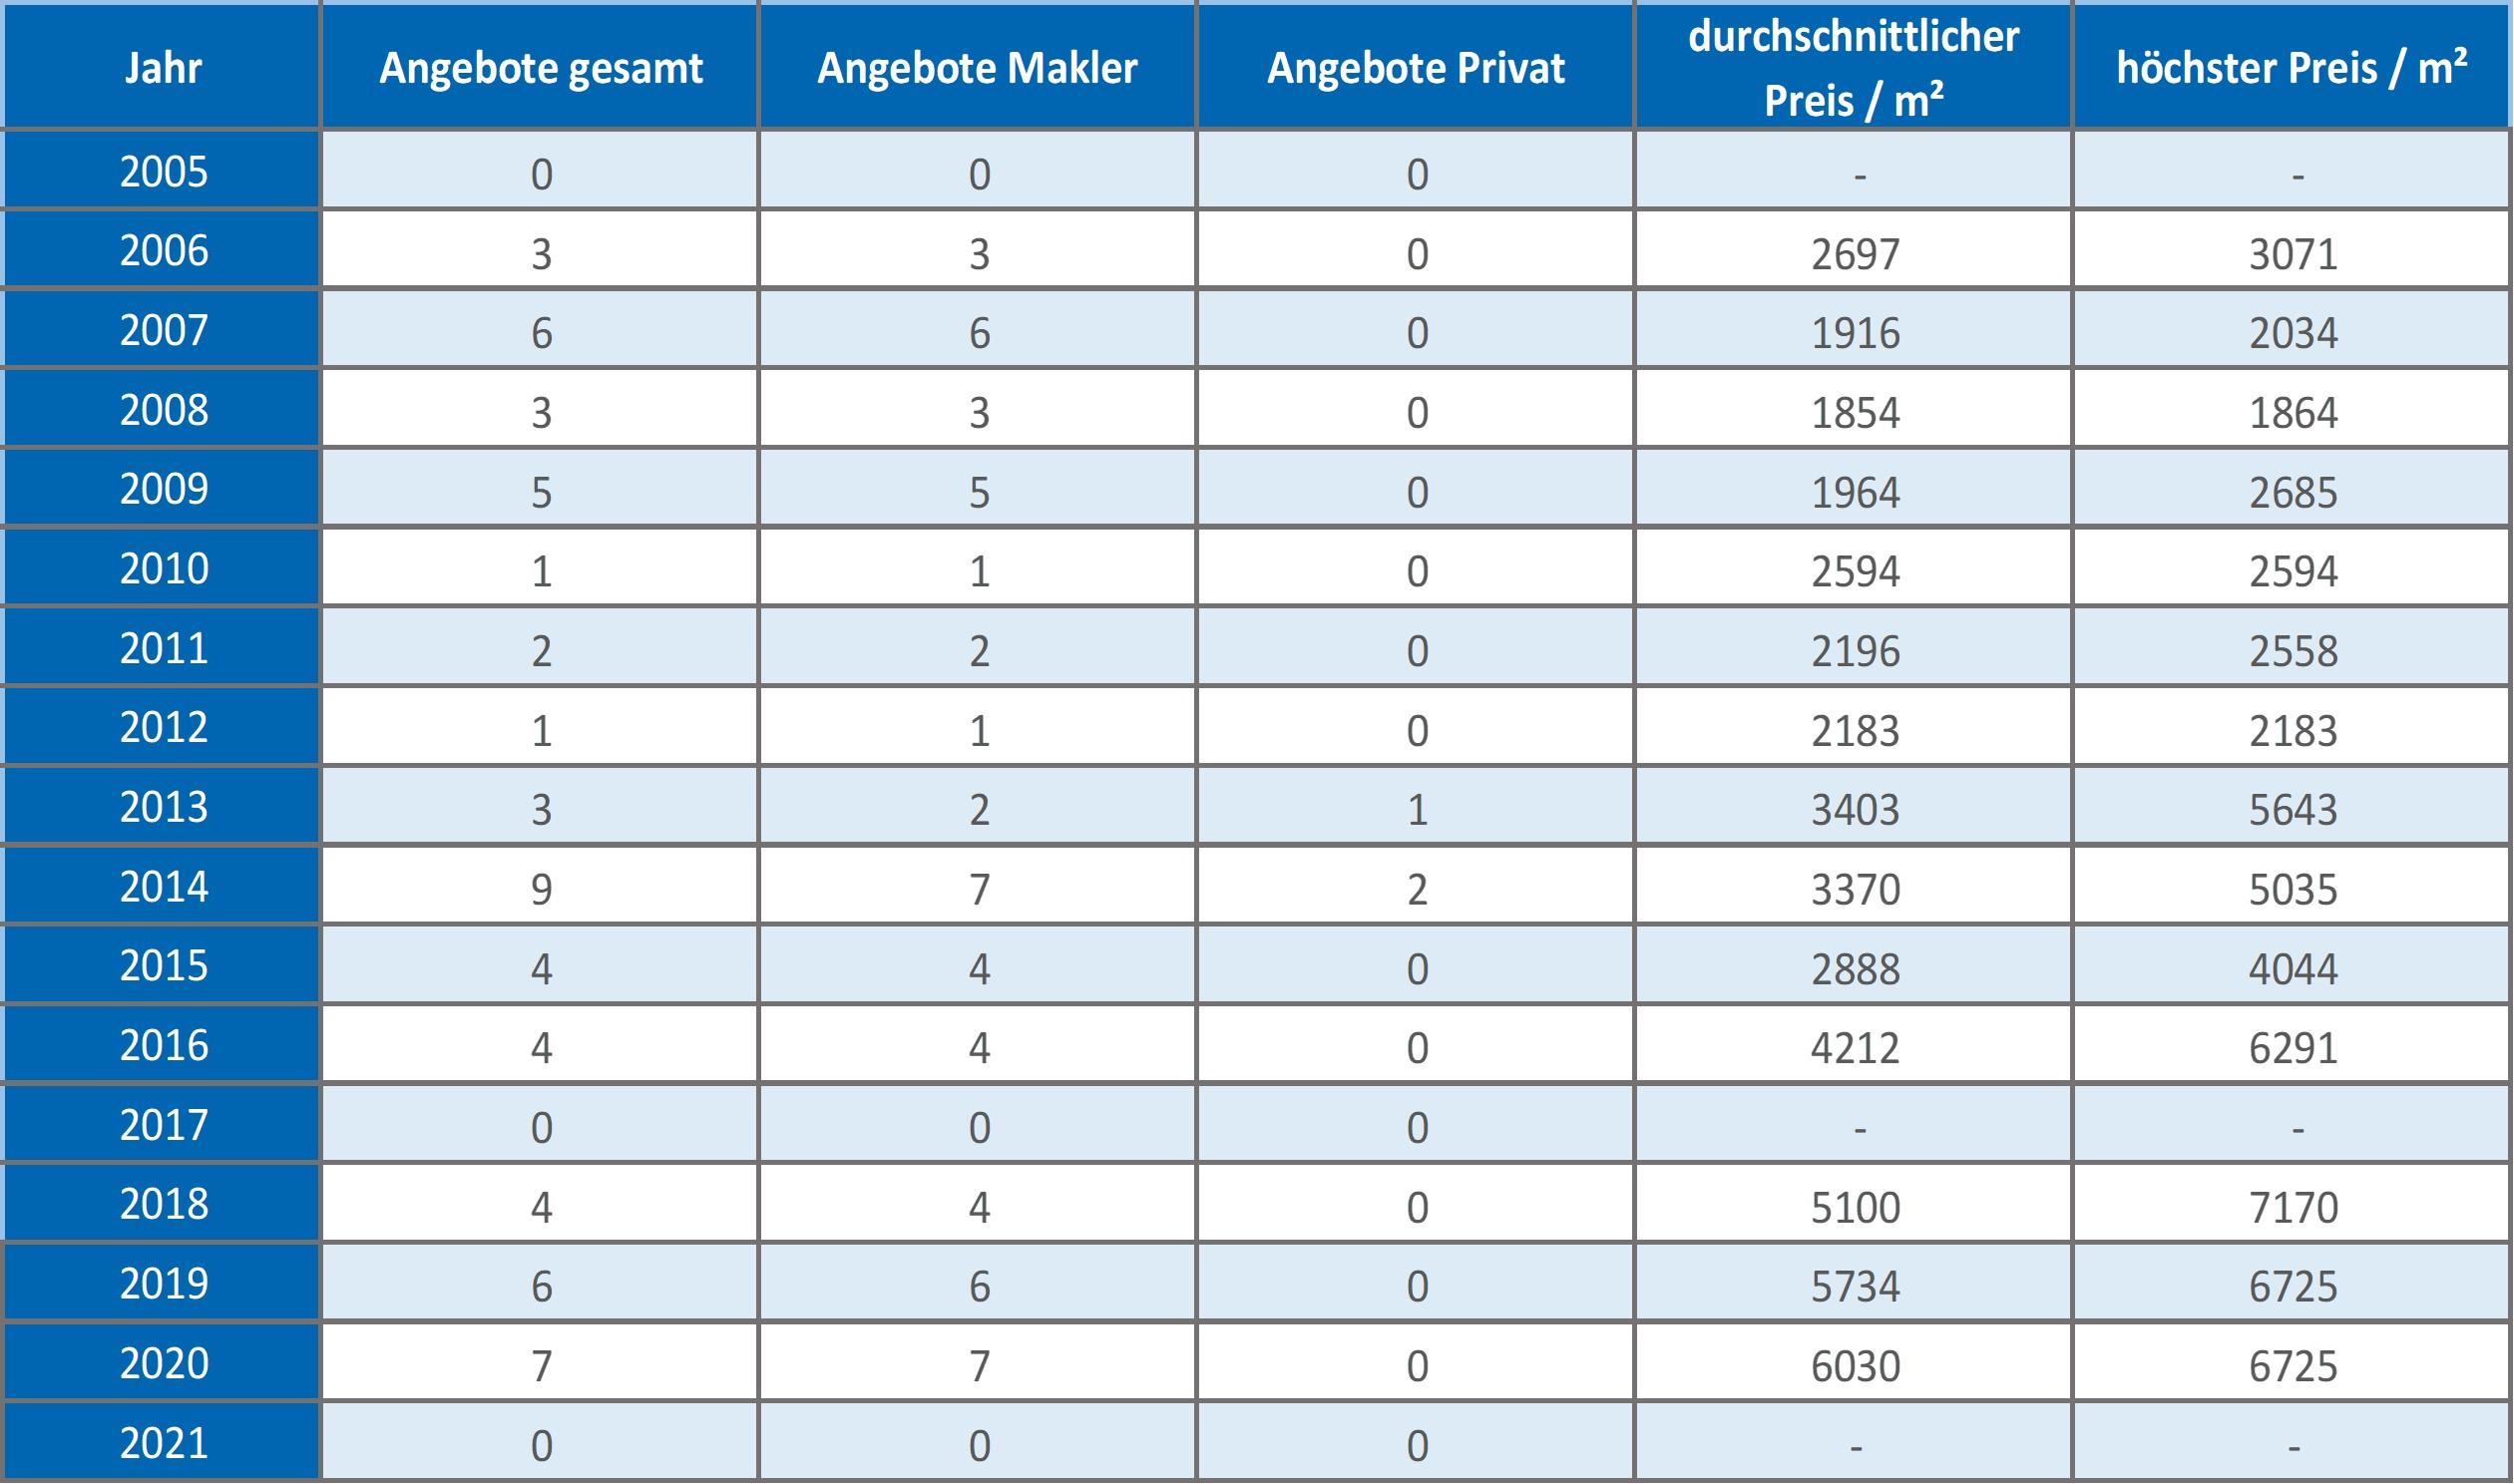 Egling Mehrfamilienhaus kaufen verkaufen Preis Bewertung Makler www.happy-immo.de 2019 2020 2021